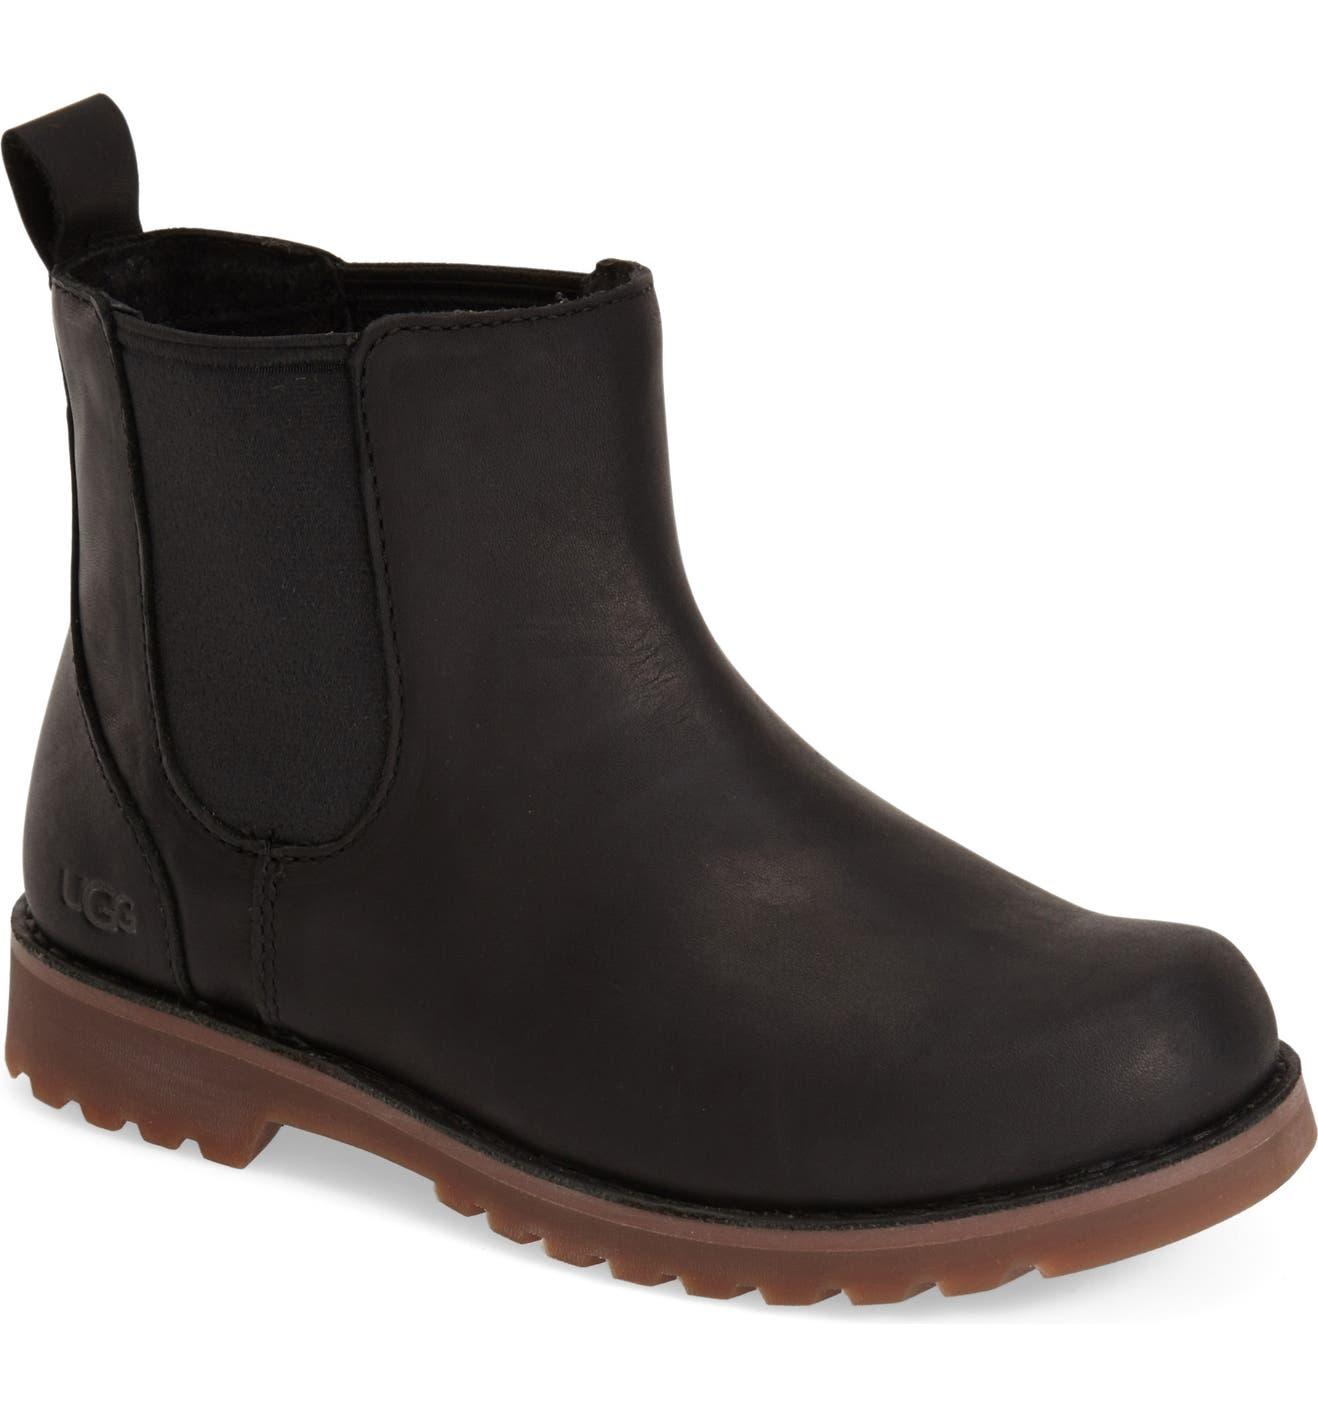 19bc3e3e957 Callum Water Resistant Chelsea Boot